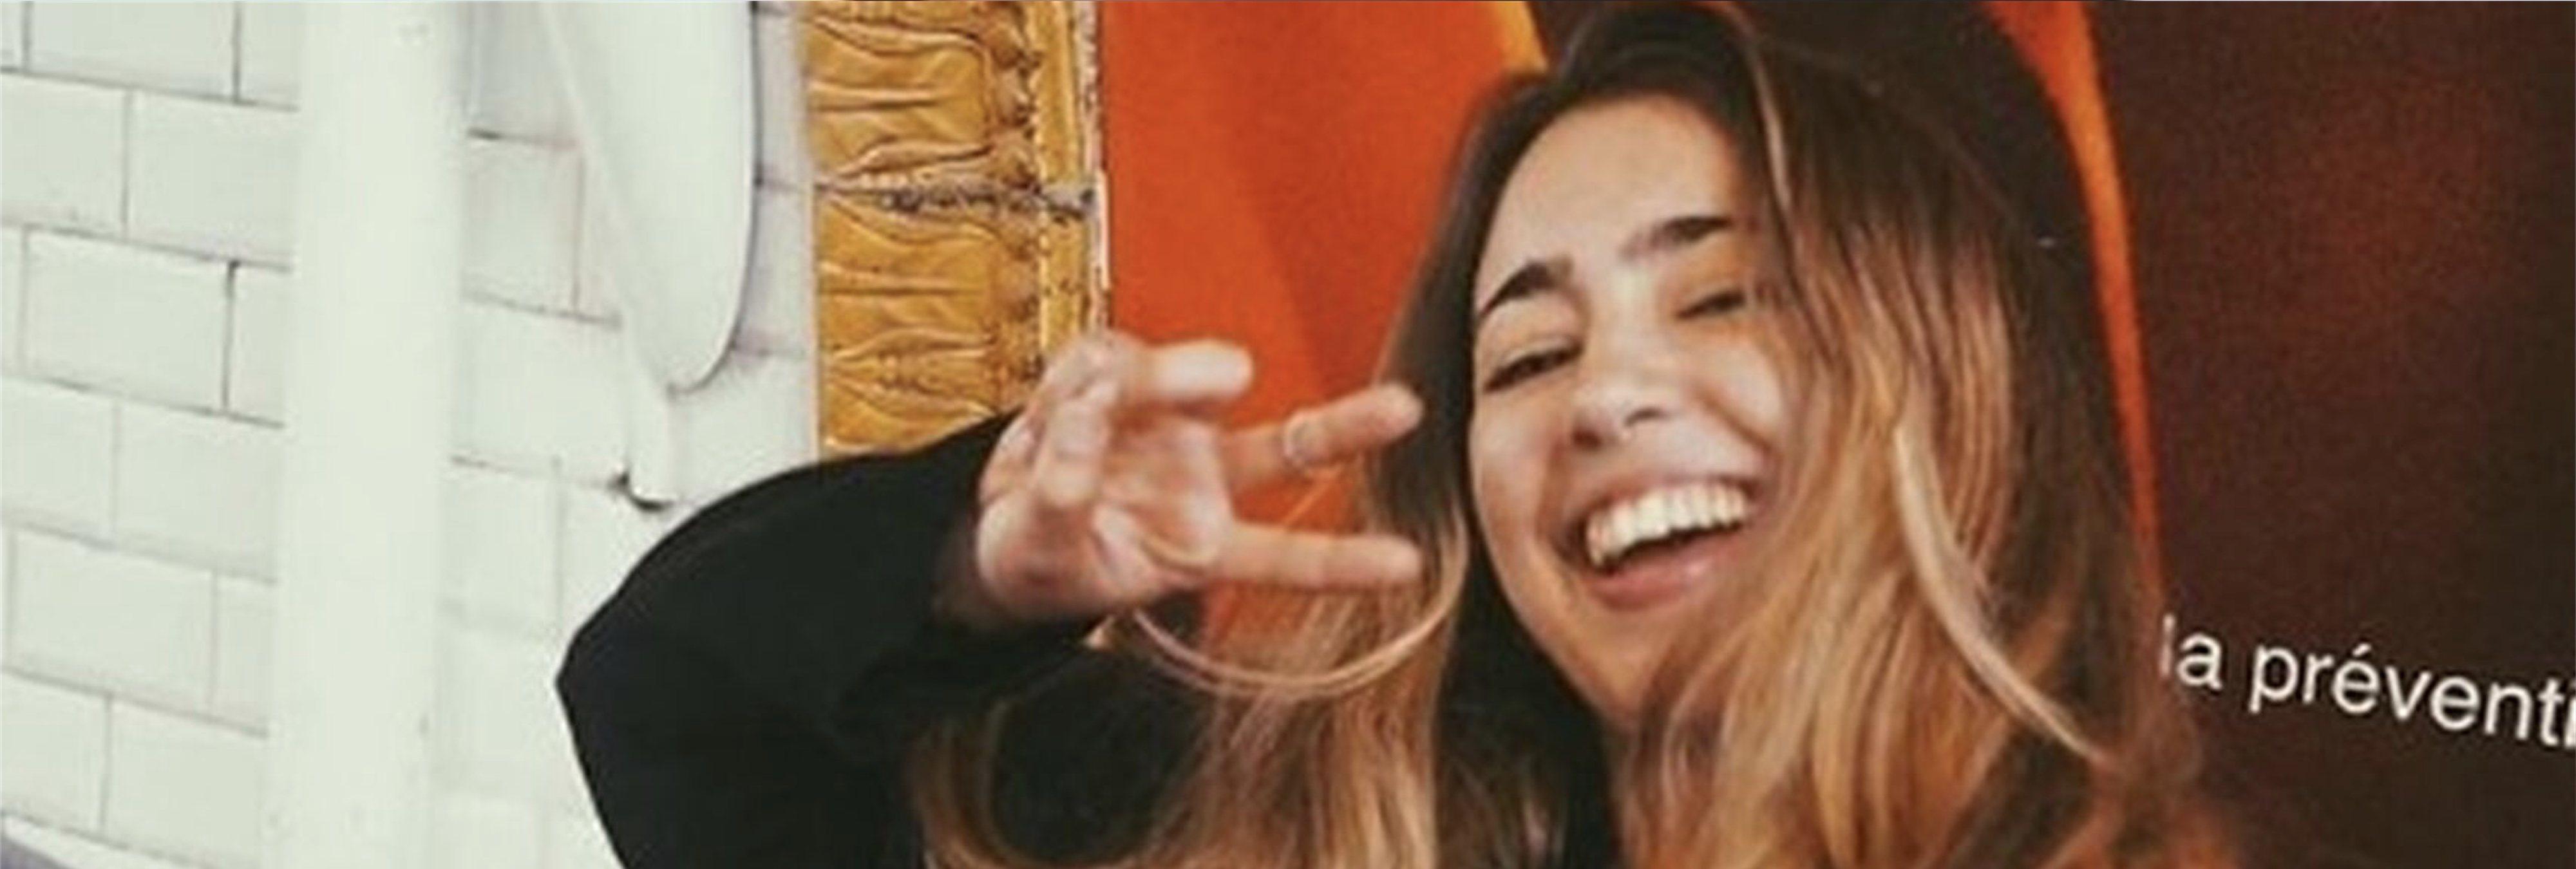 El periplo de Natalia Sánchez Uribe hasta que ha sido encontrada por la Policía